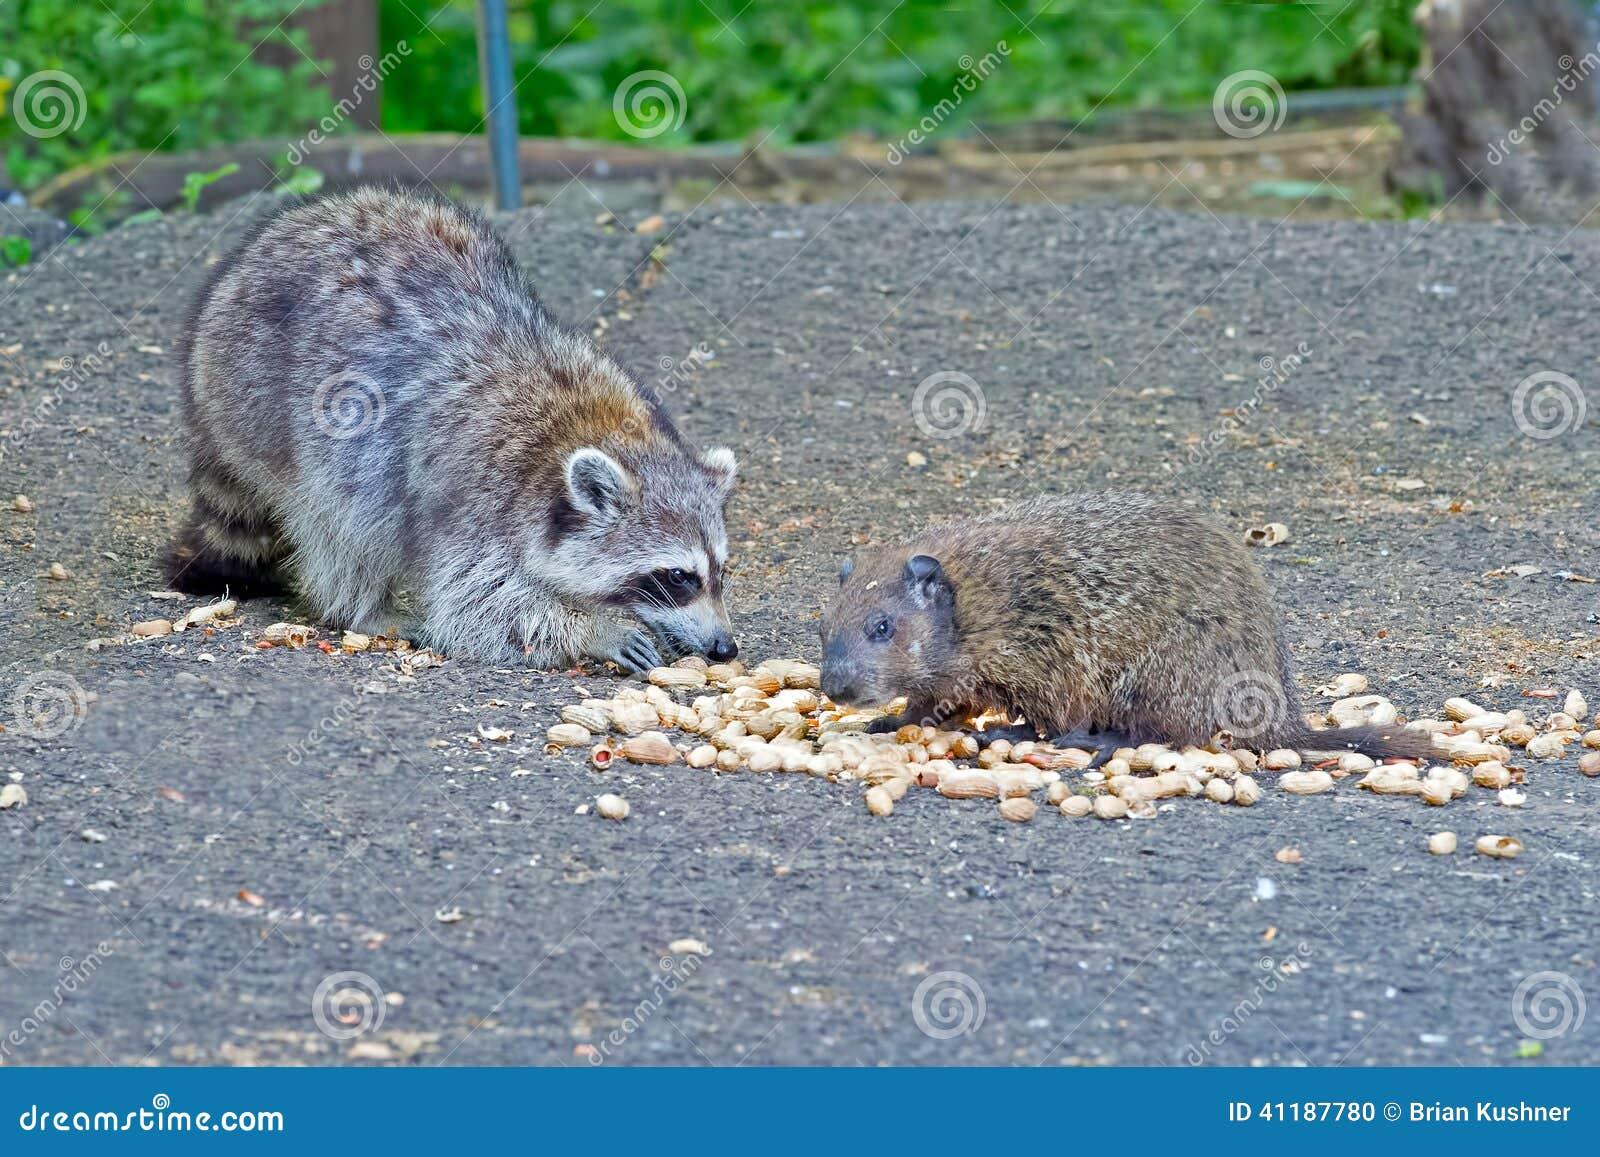 Raccoon and Groundhog